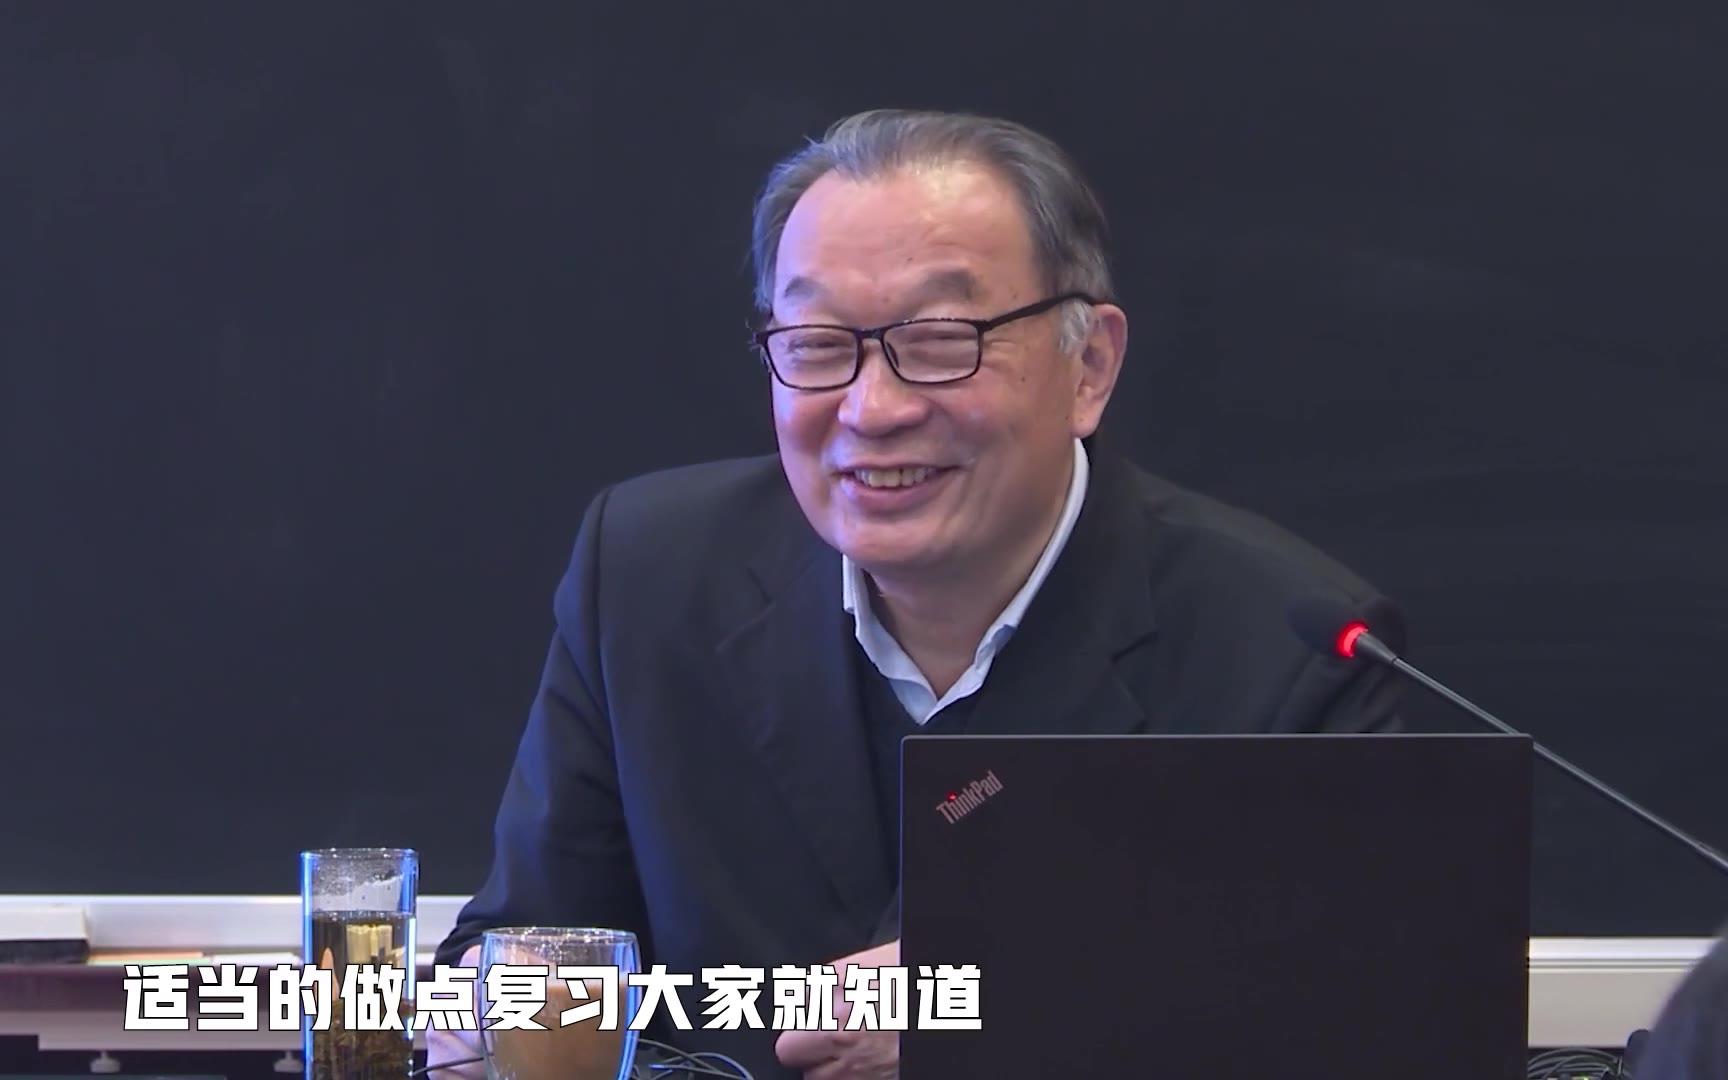 温铁军:三生合一的生态文明,是中国自主构建话语体系的钥匙